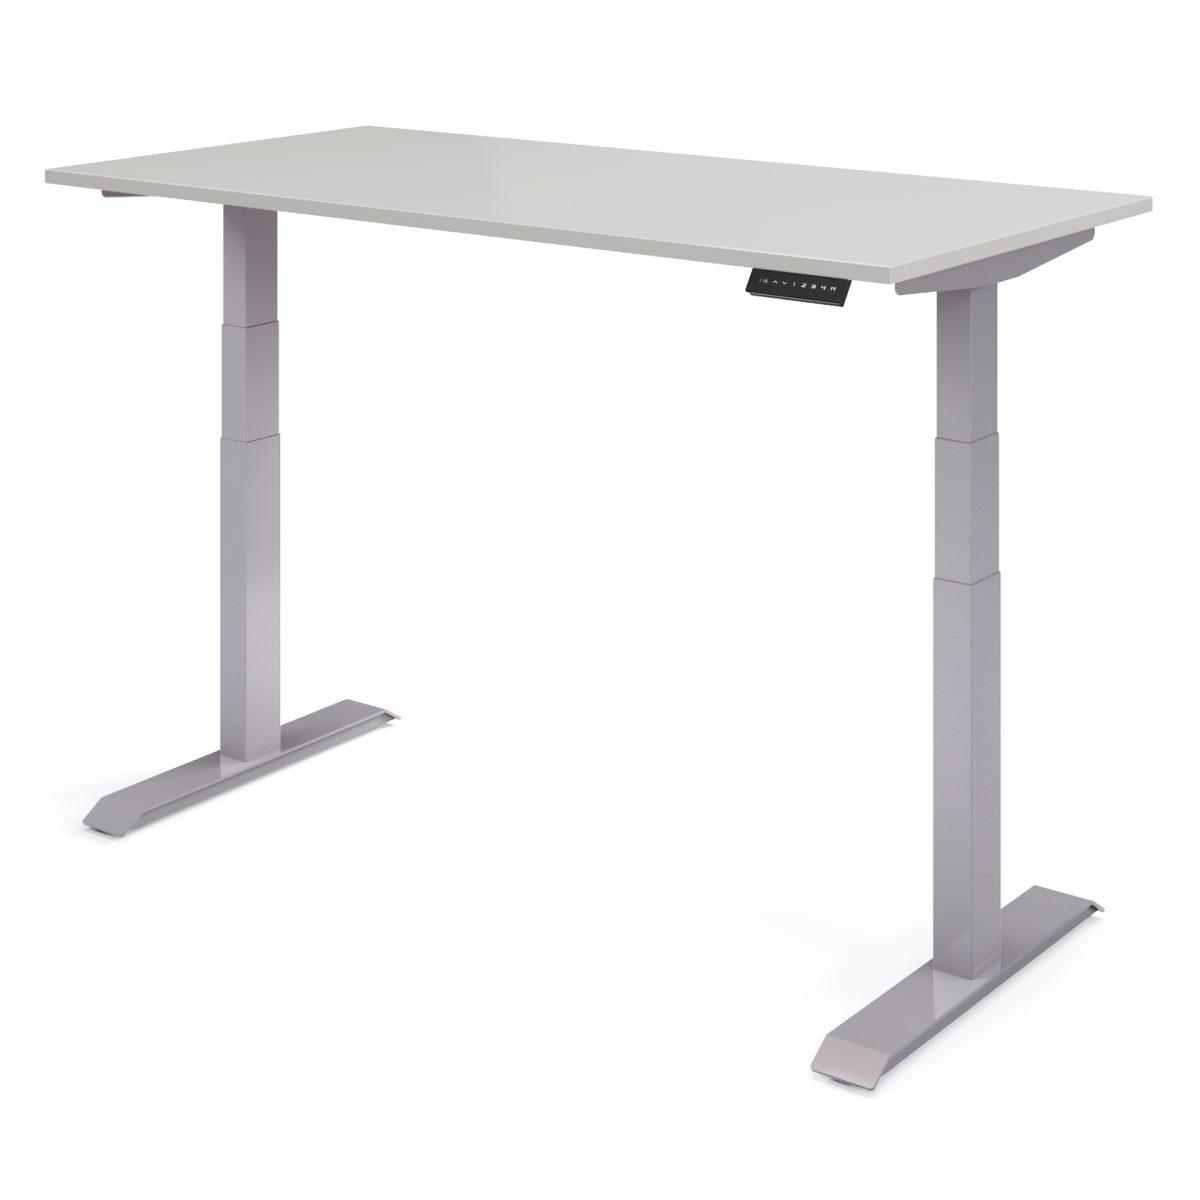 elektrisch bureau verstelbaar hoog grijs - wit Upper